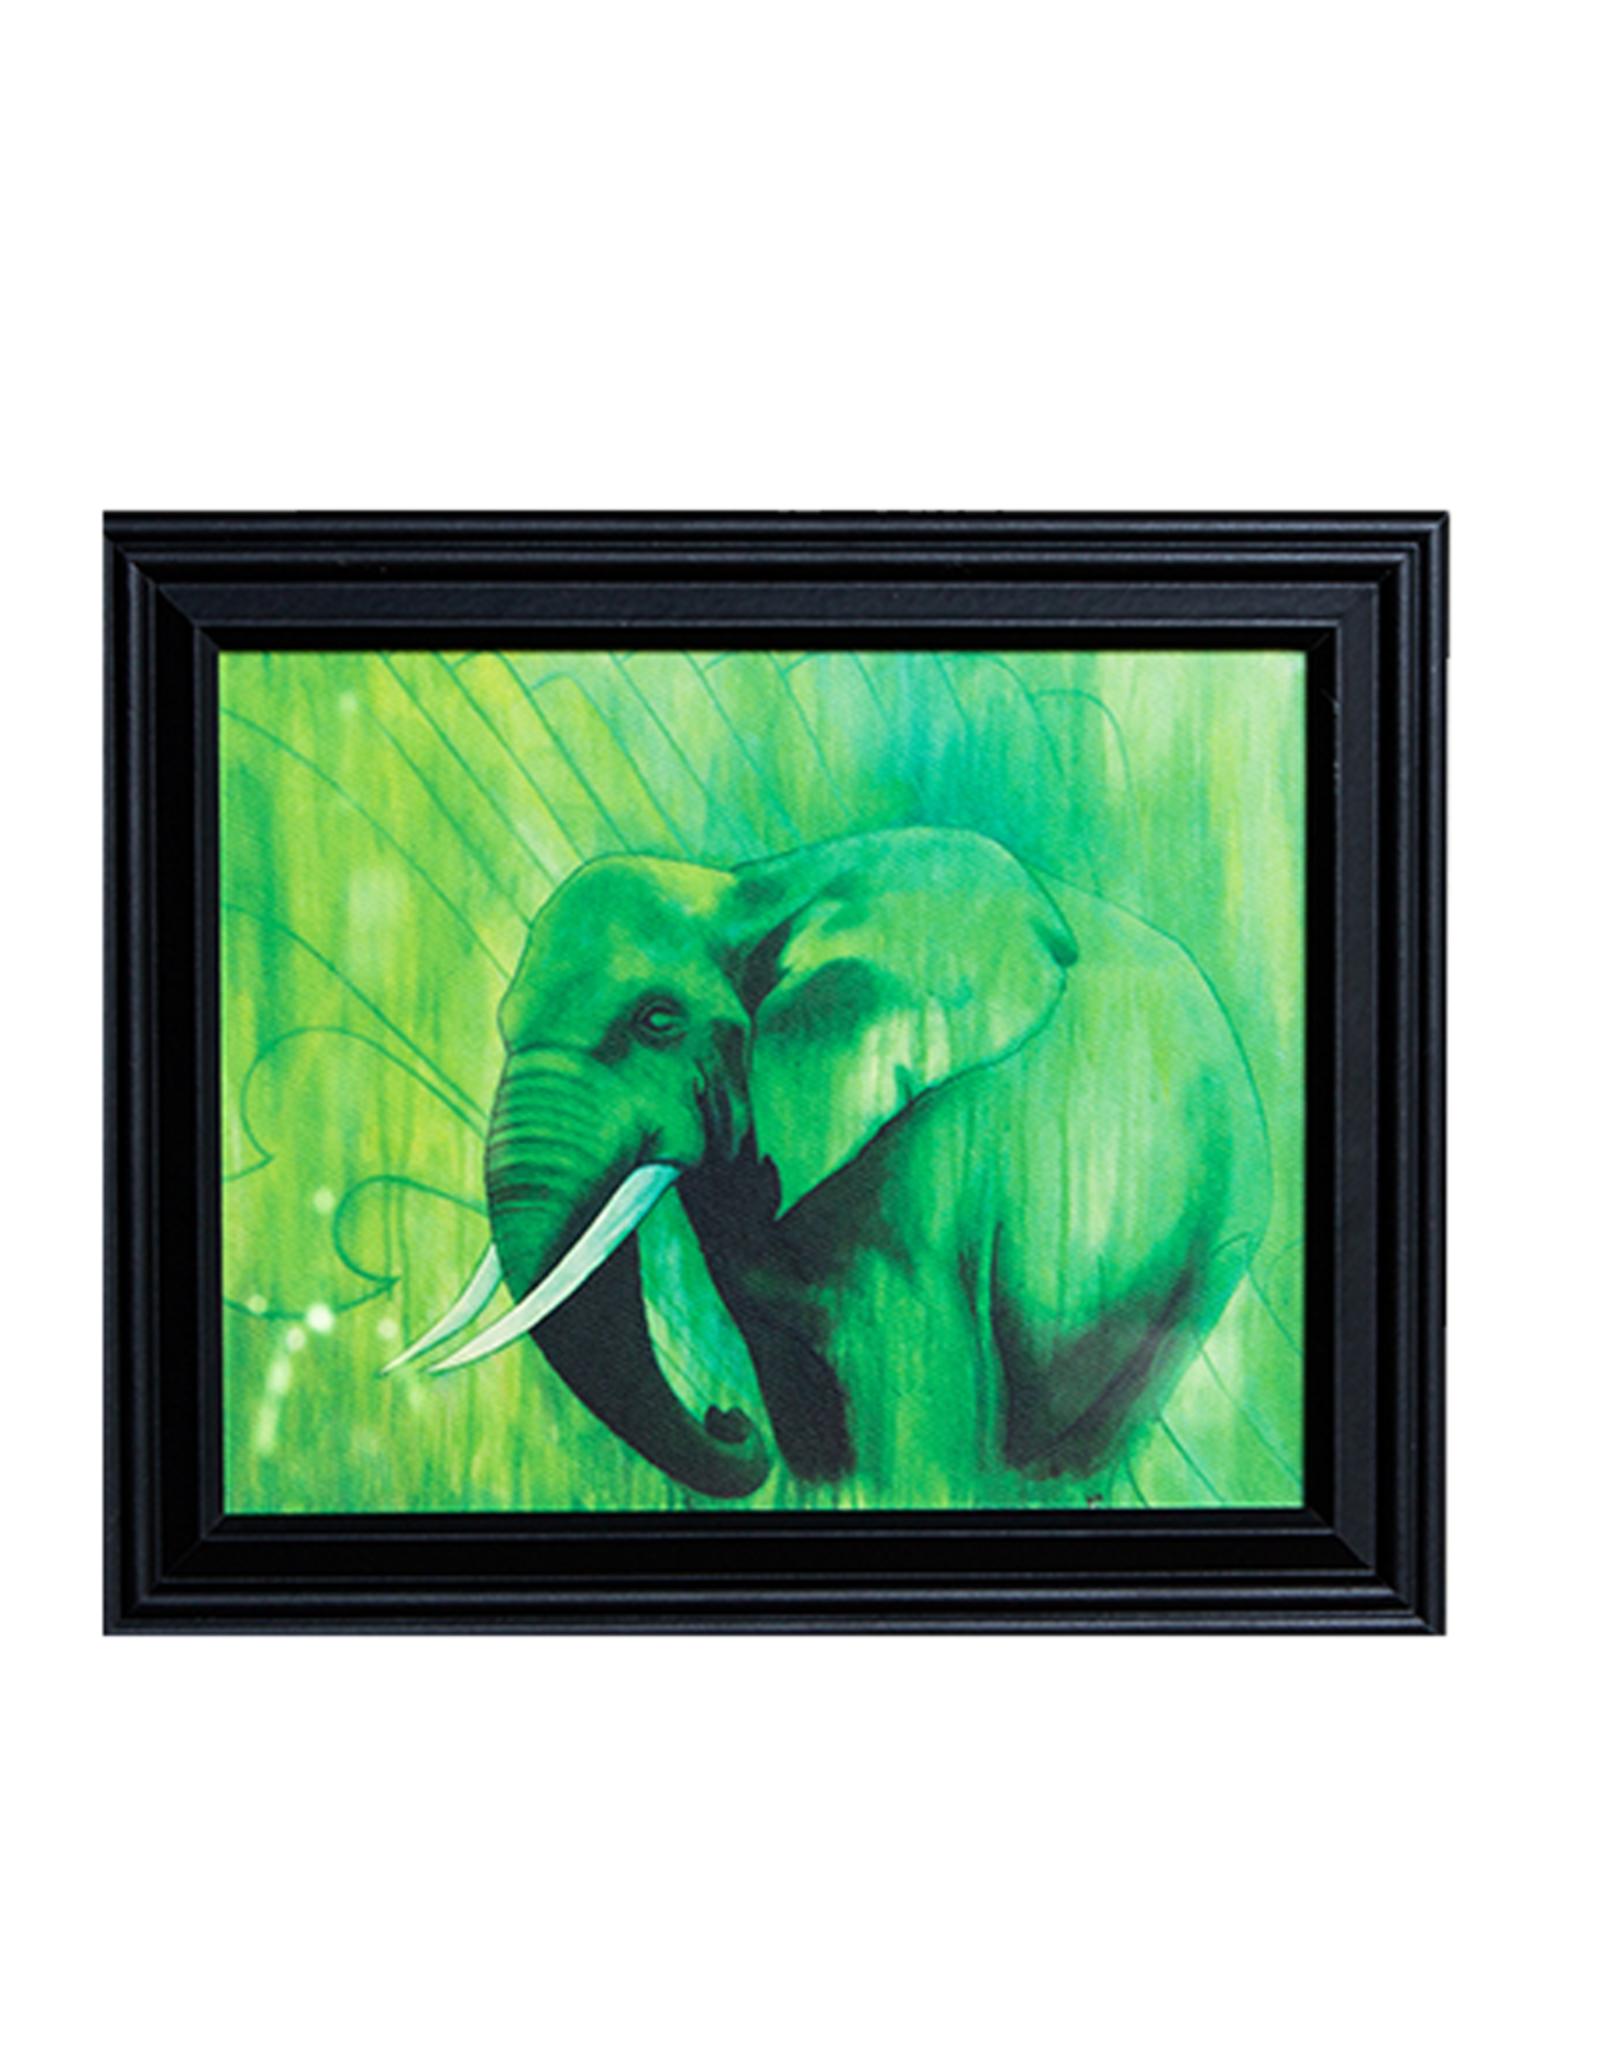 Elephant by Karma Leigh